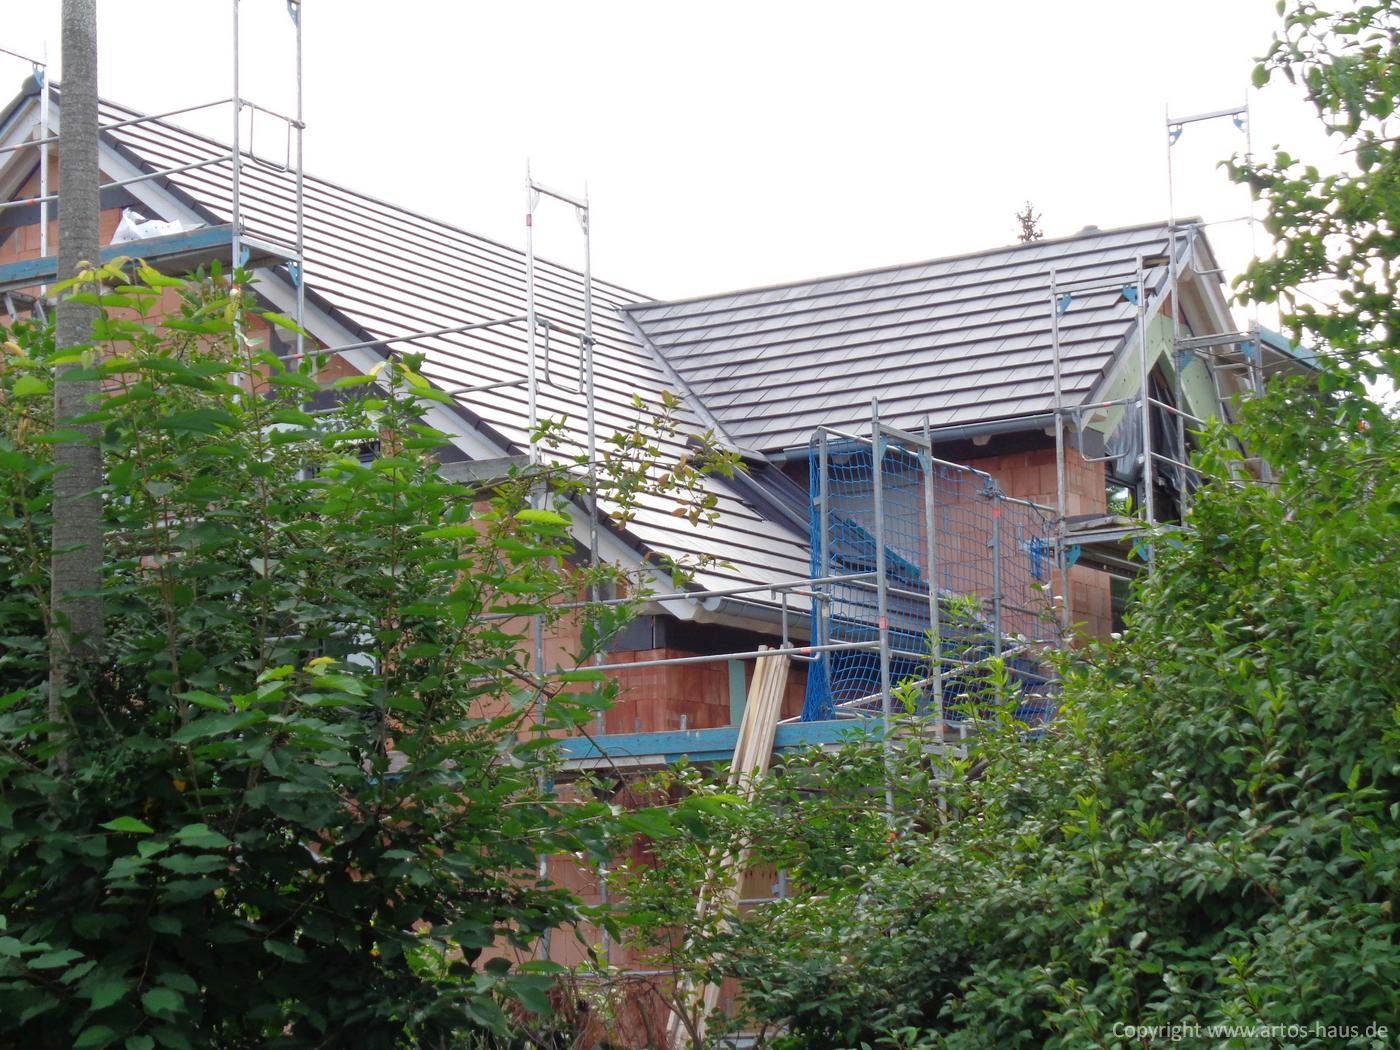 Dacheindeckung Juli 2021 ein ARTOS-HAUS Bauvorhaben Bild 5